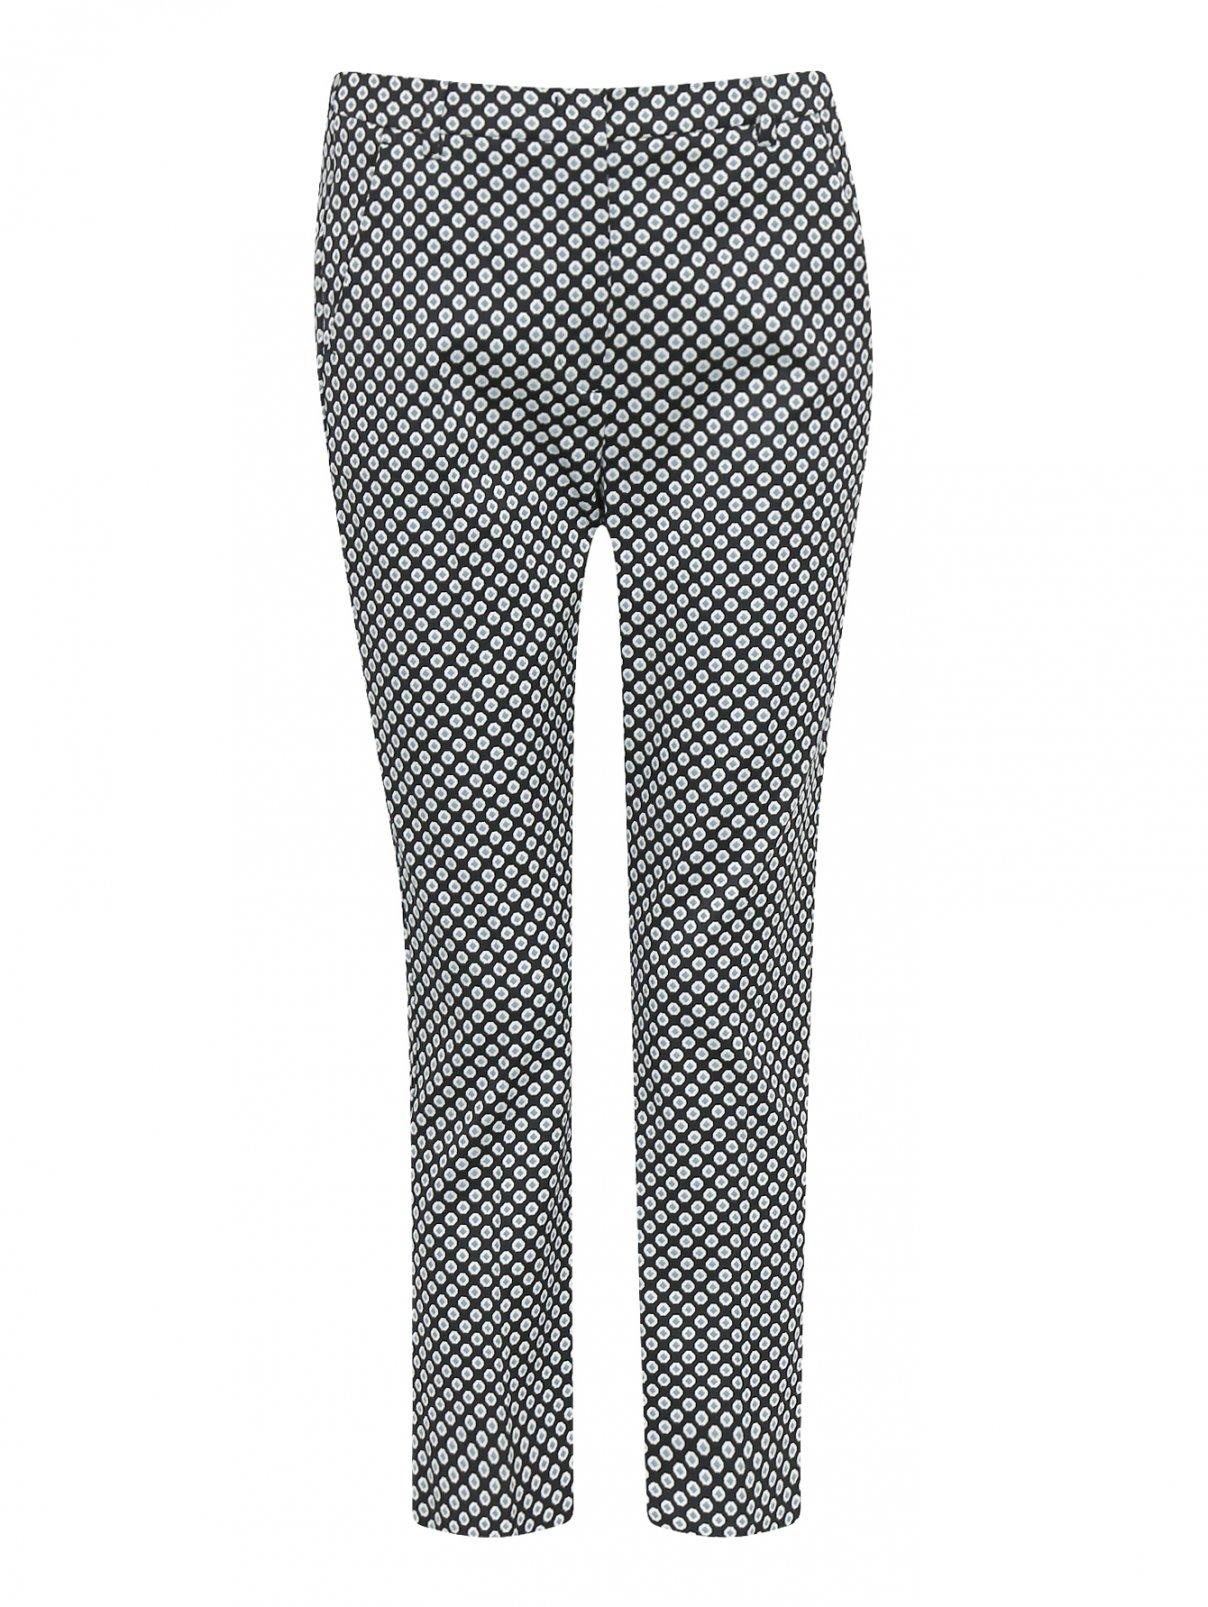 Укороченные брюки с узором Weekend Max Mara  –  Общий вид